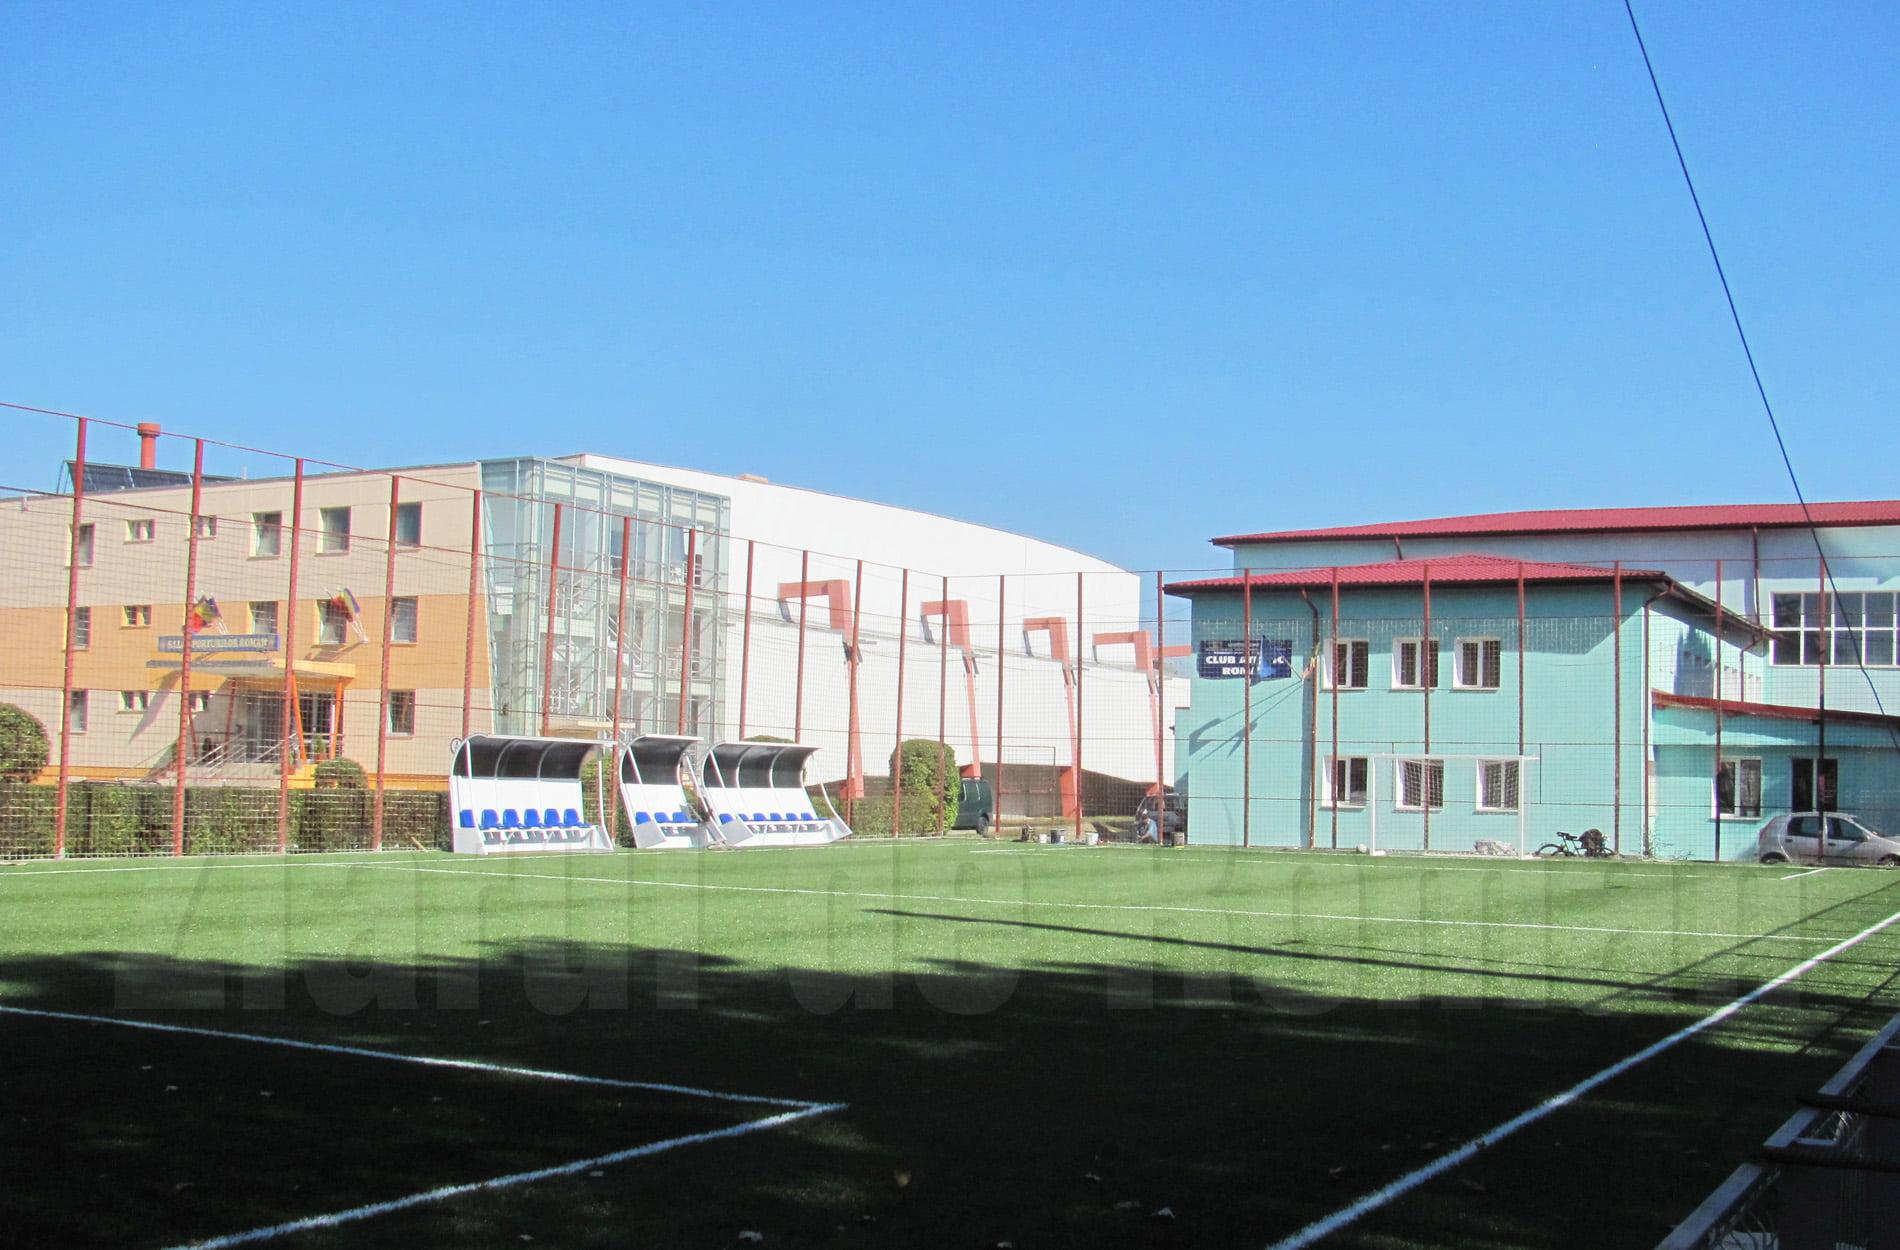 Se prelungește perioada de suspendare pentru activitățile sportive și cele cu publicul la CSM Roman